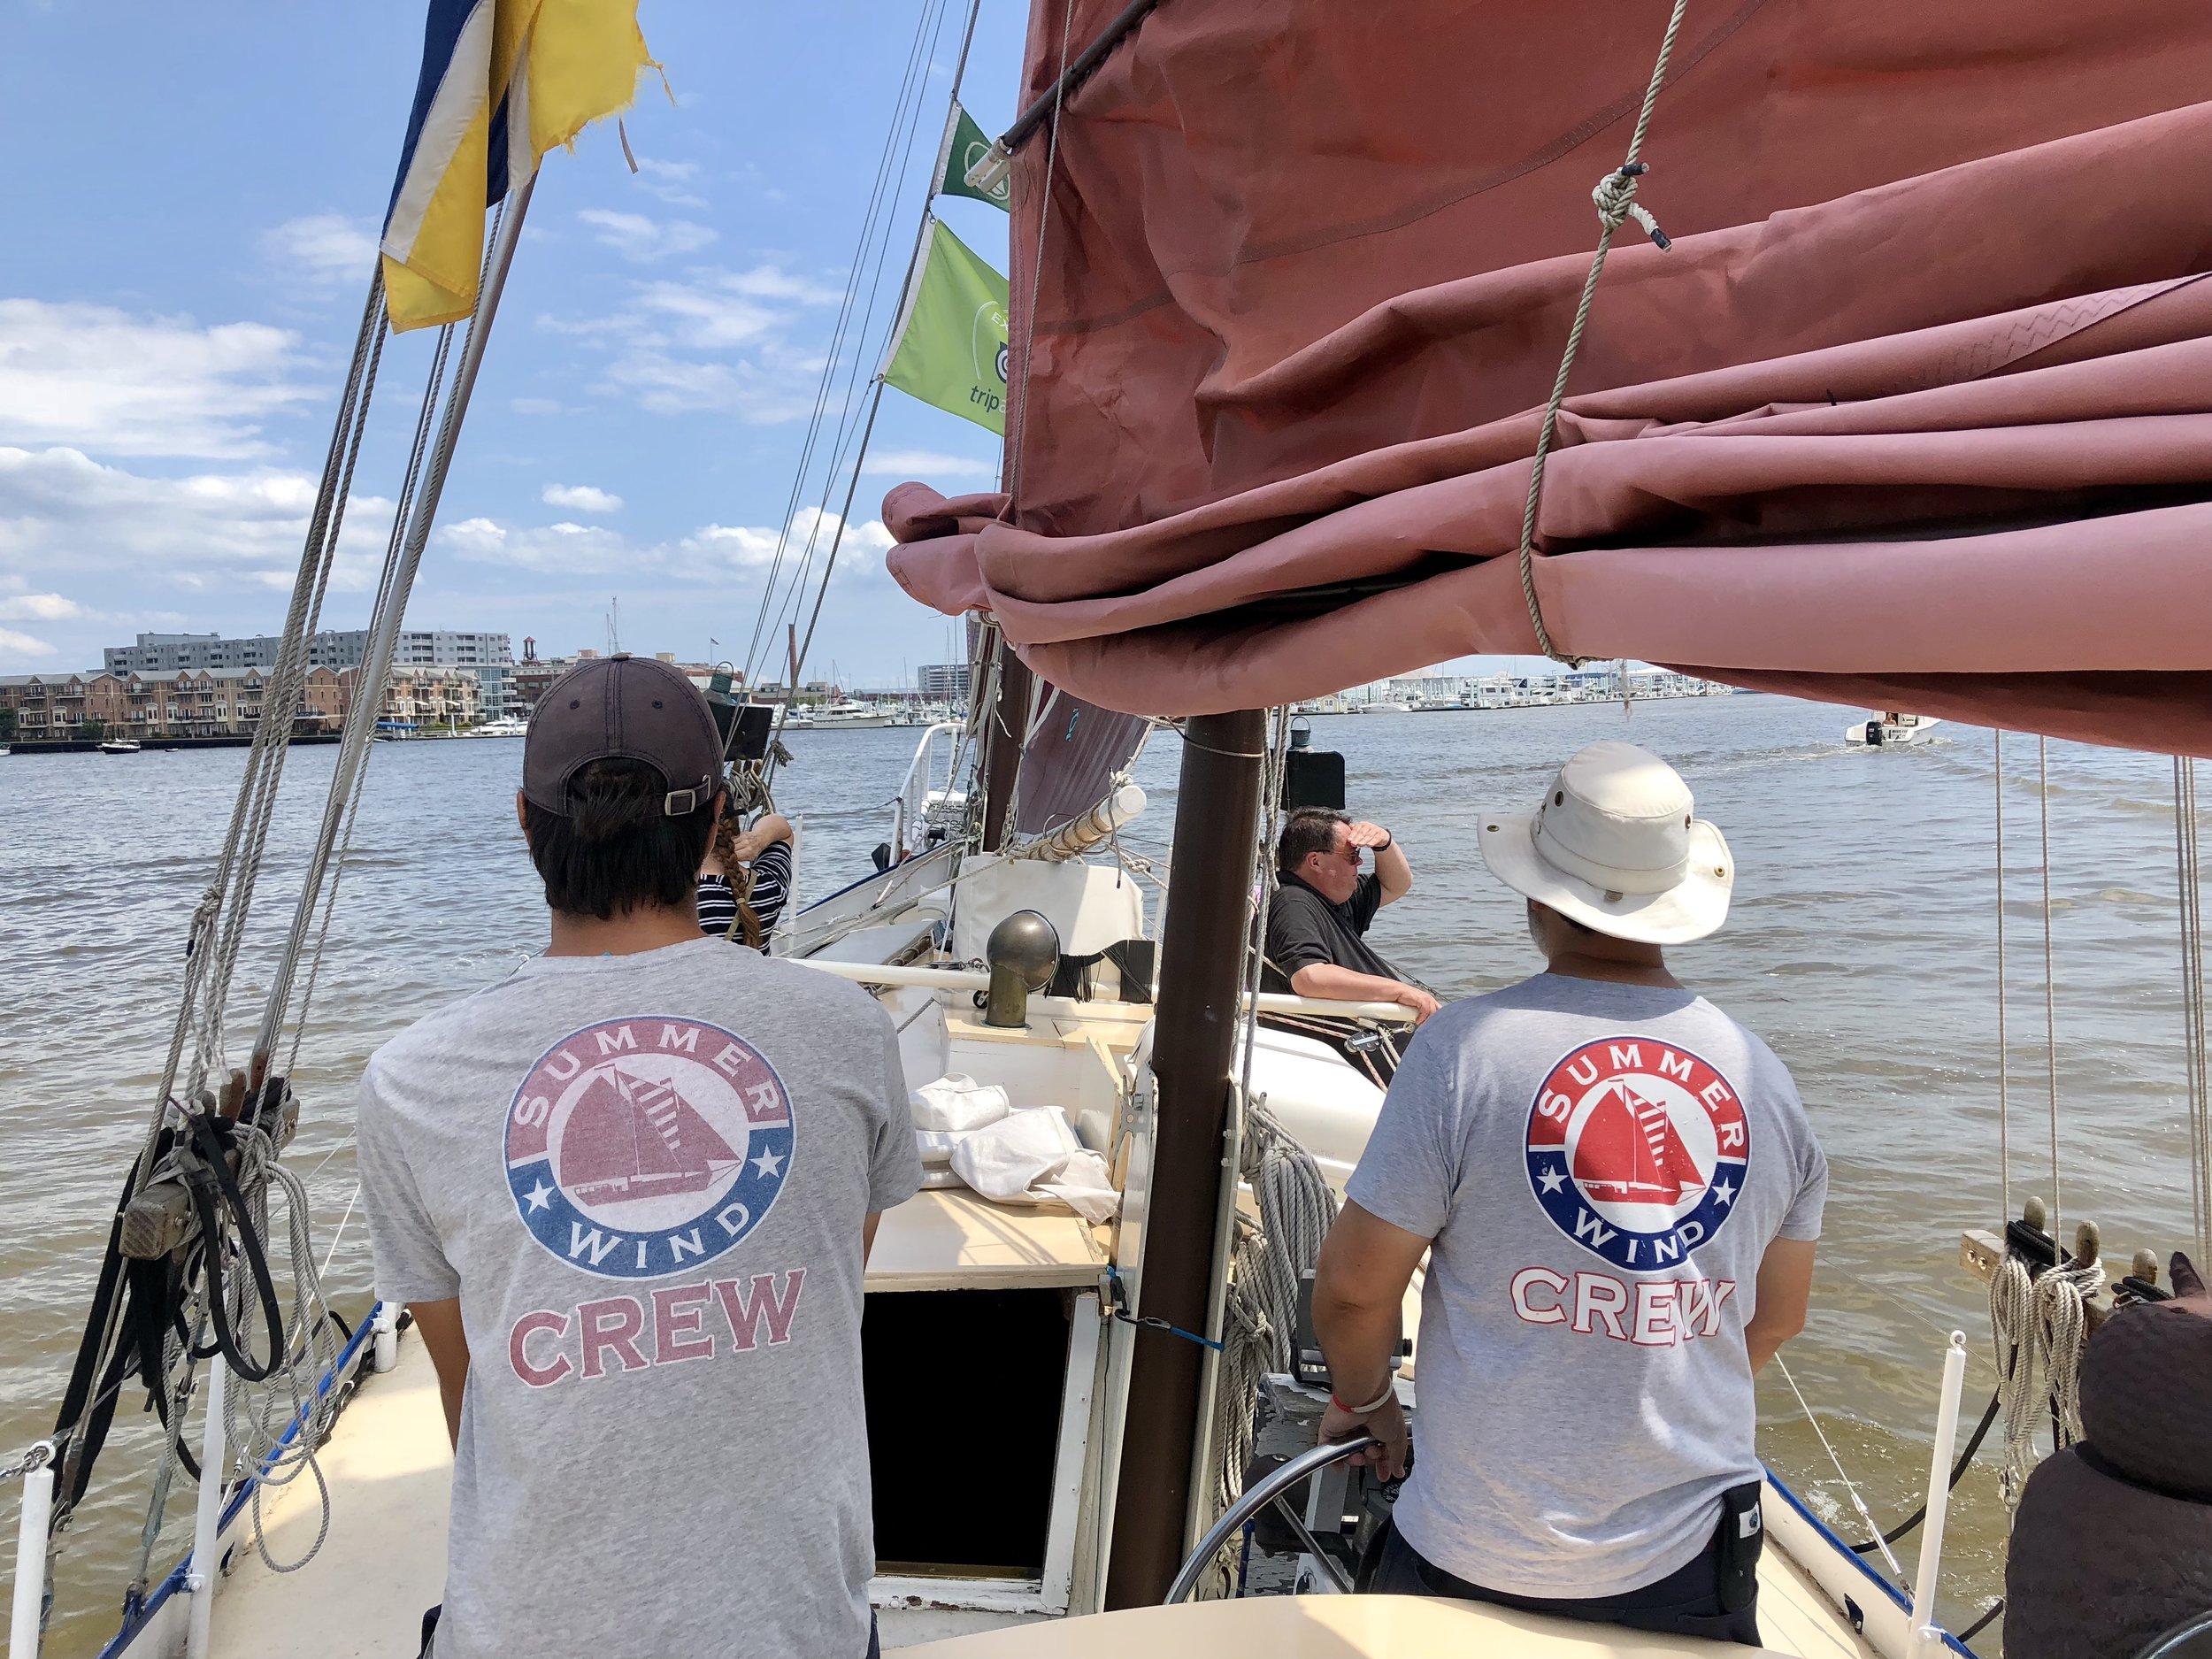 Baltimore sailing